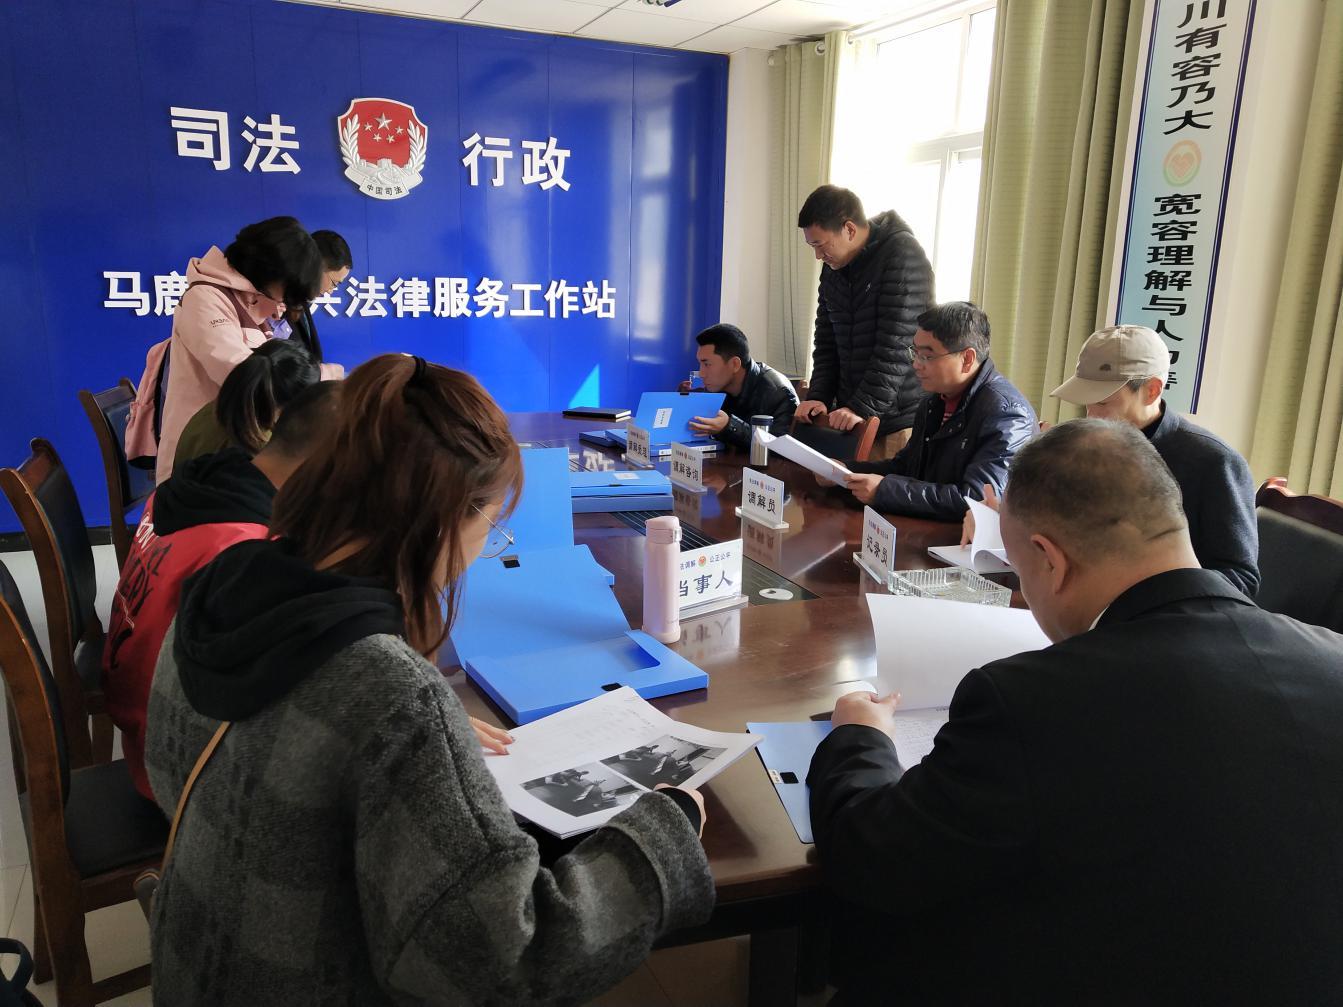 青川县司法局开展省级规范化司法所建设经验交流活动